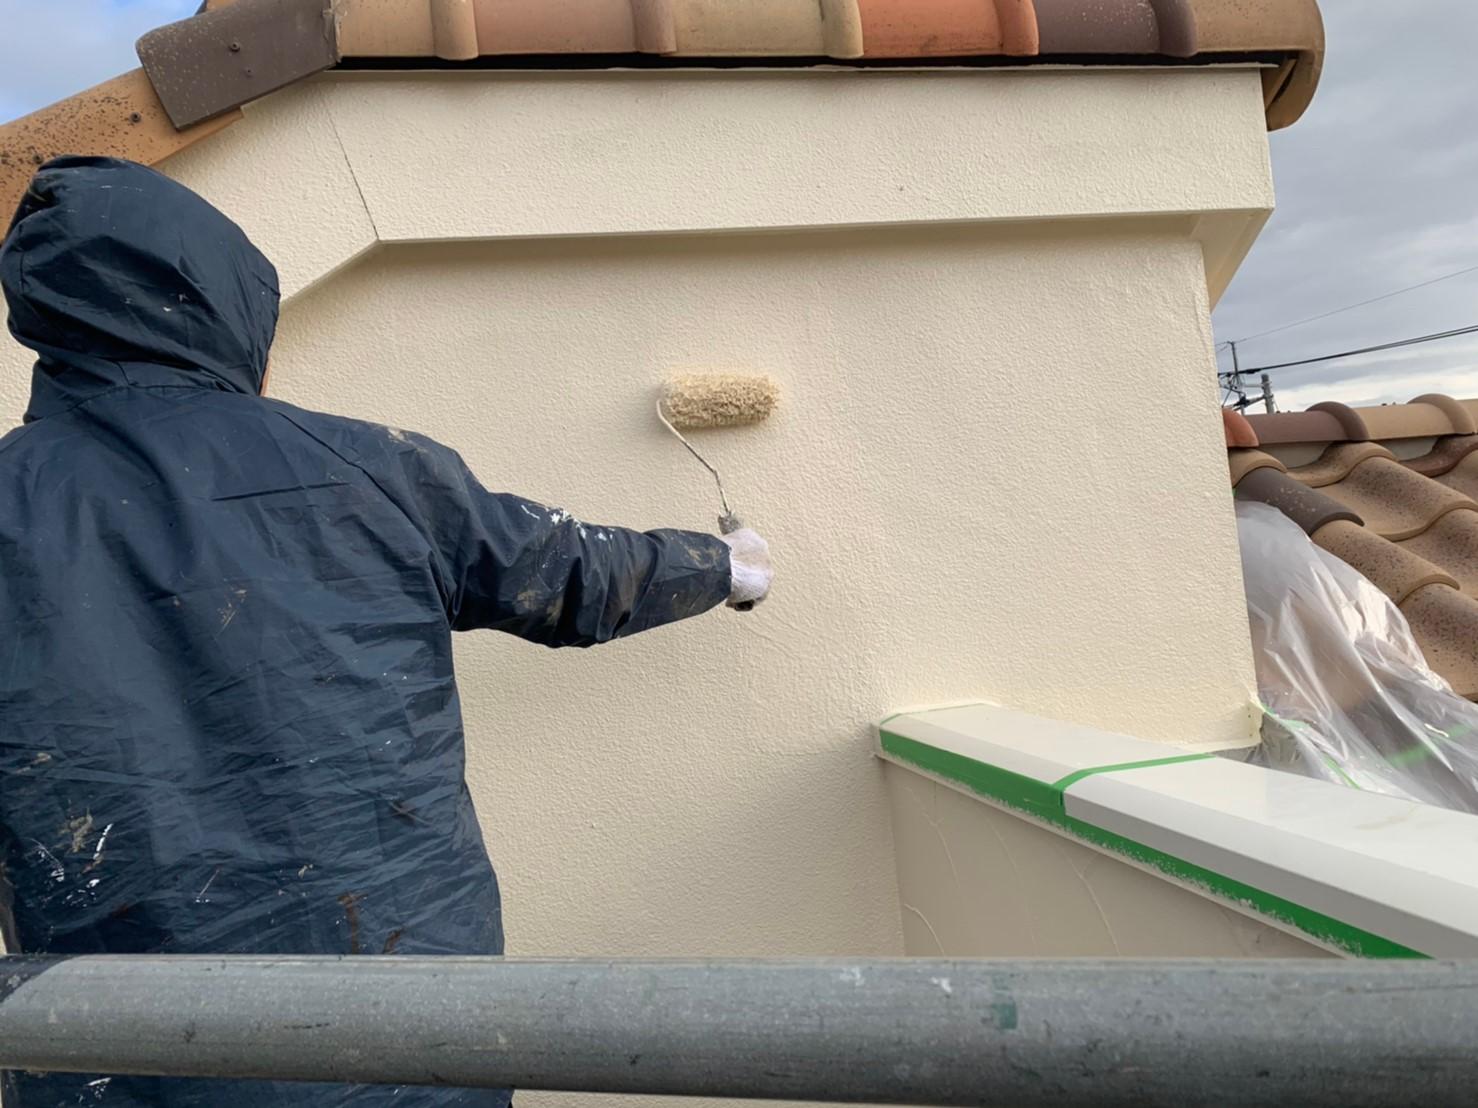 青葉区で外壁塗装や屋根工事するならハウスメーカーより高品質で3割安いマルセイテック